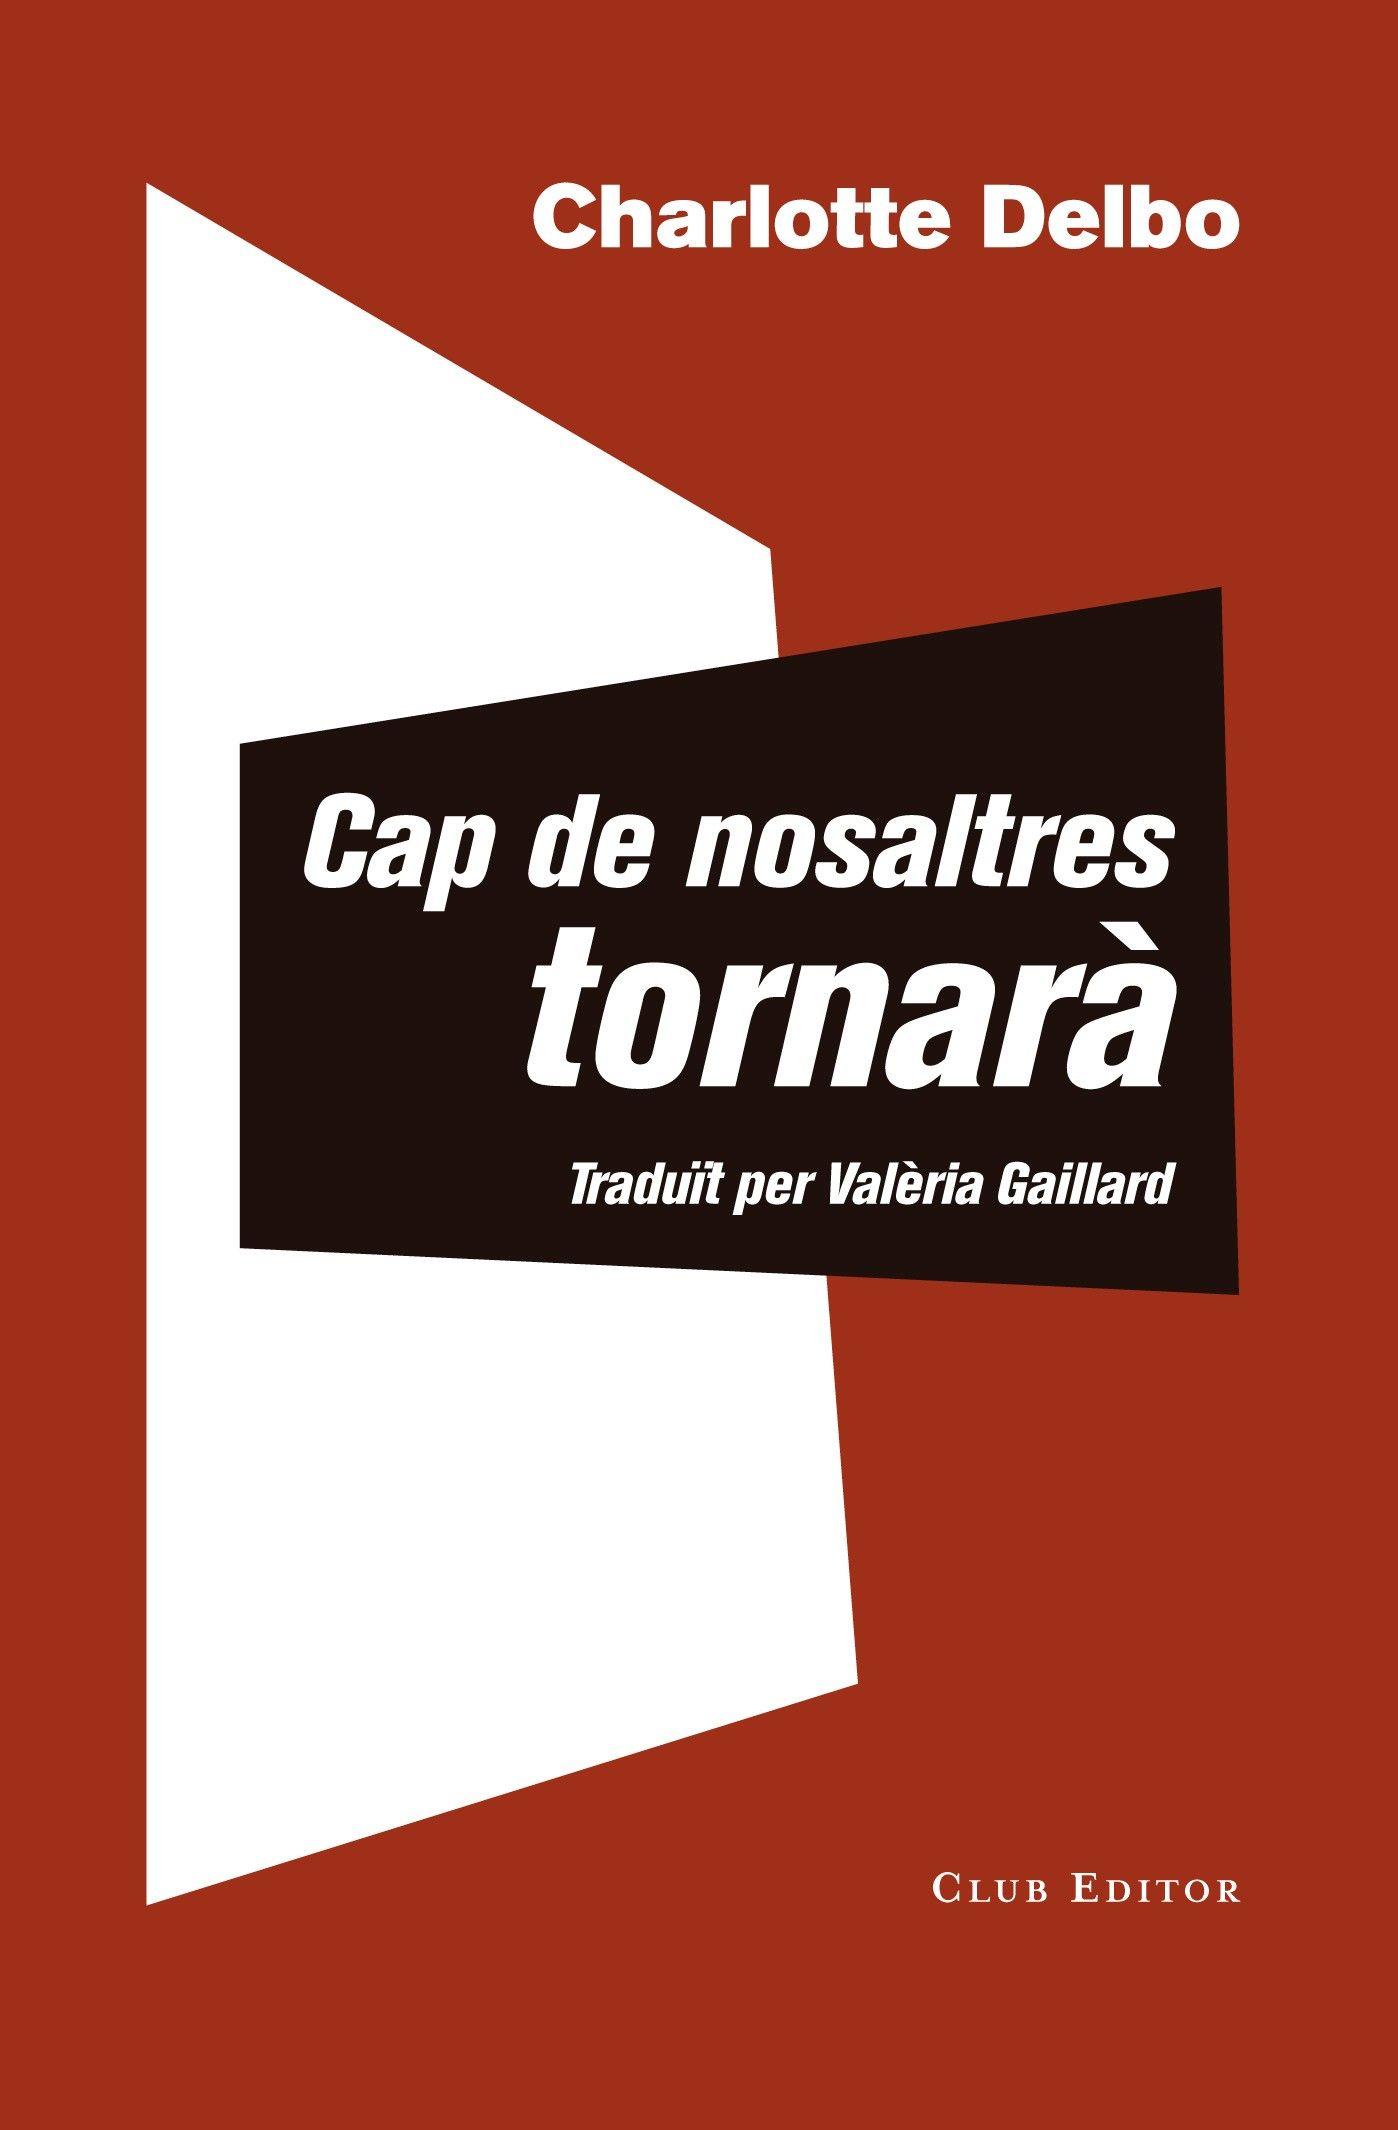 CAP DE NOSALTRES TORNARA